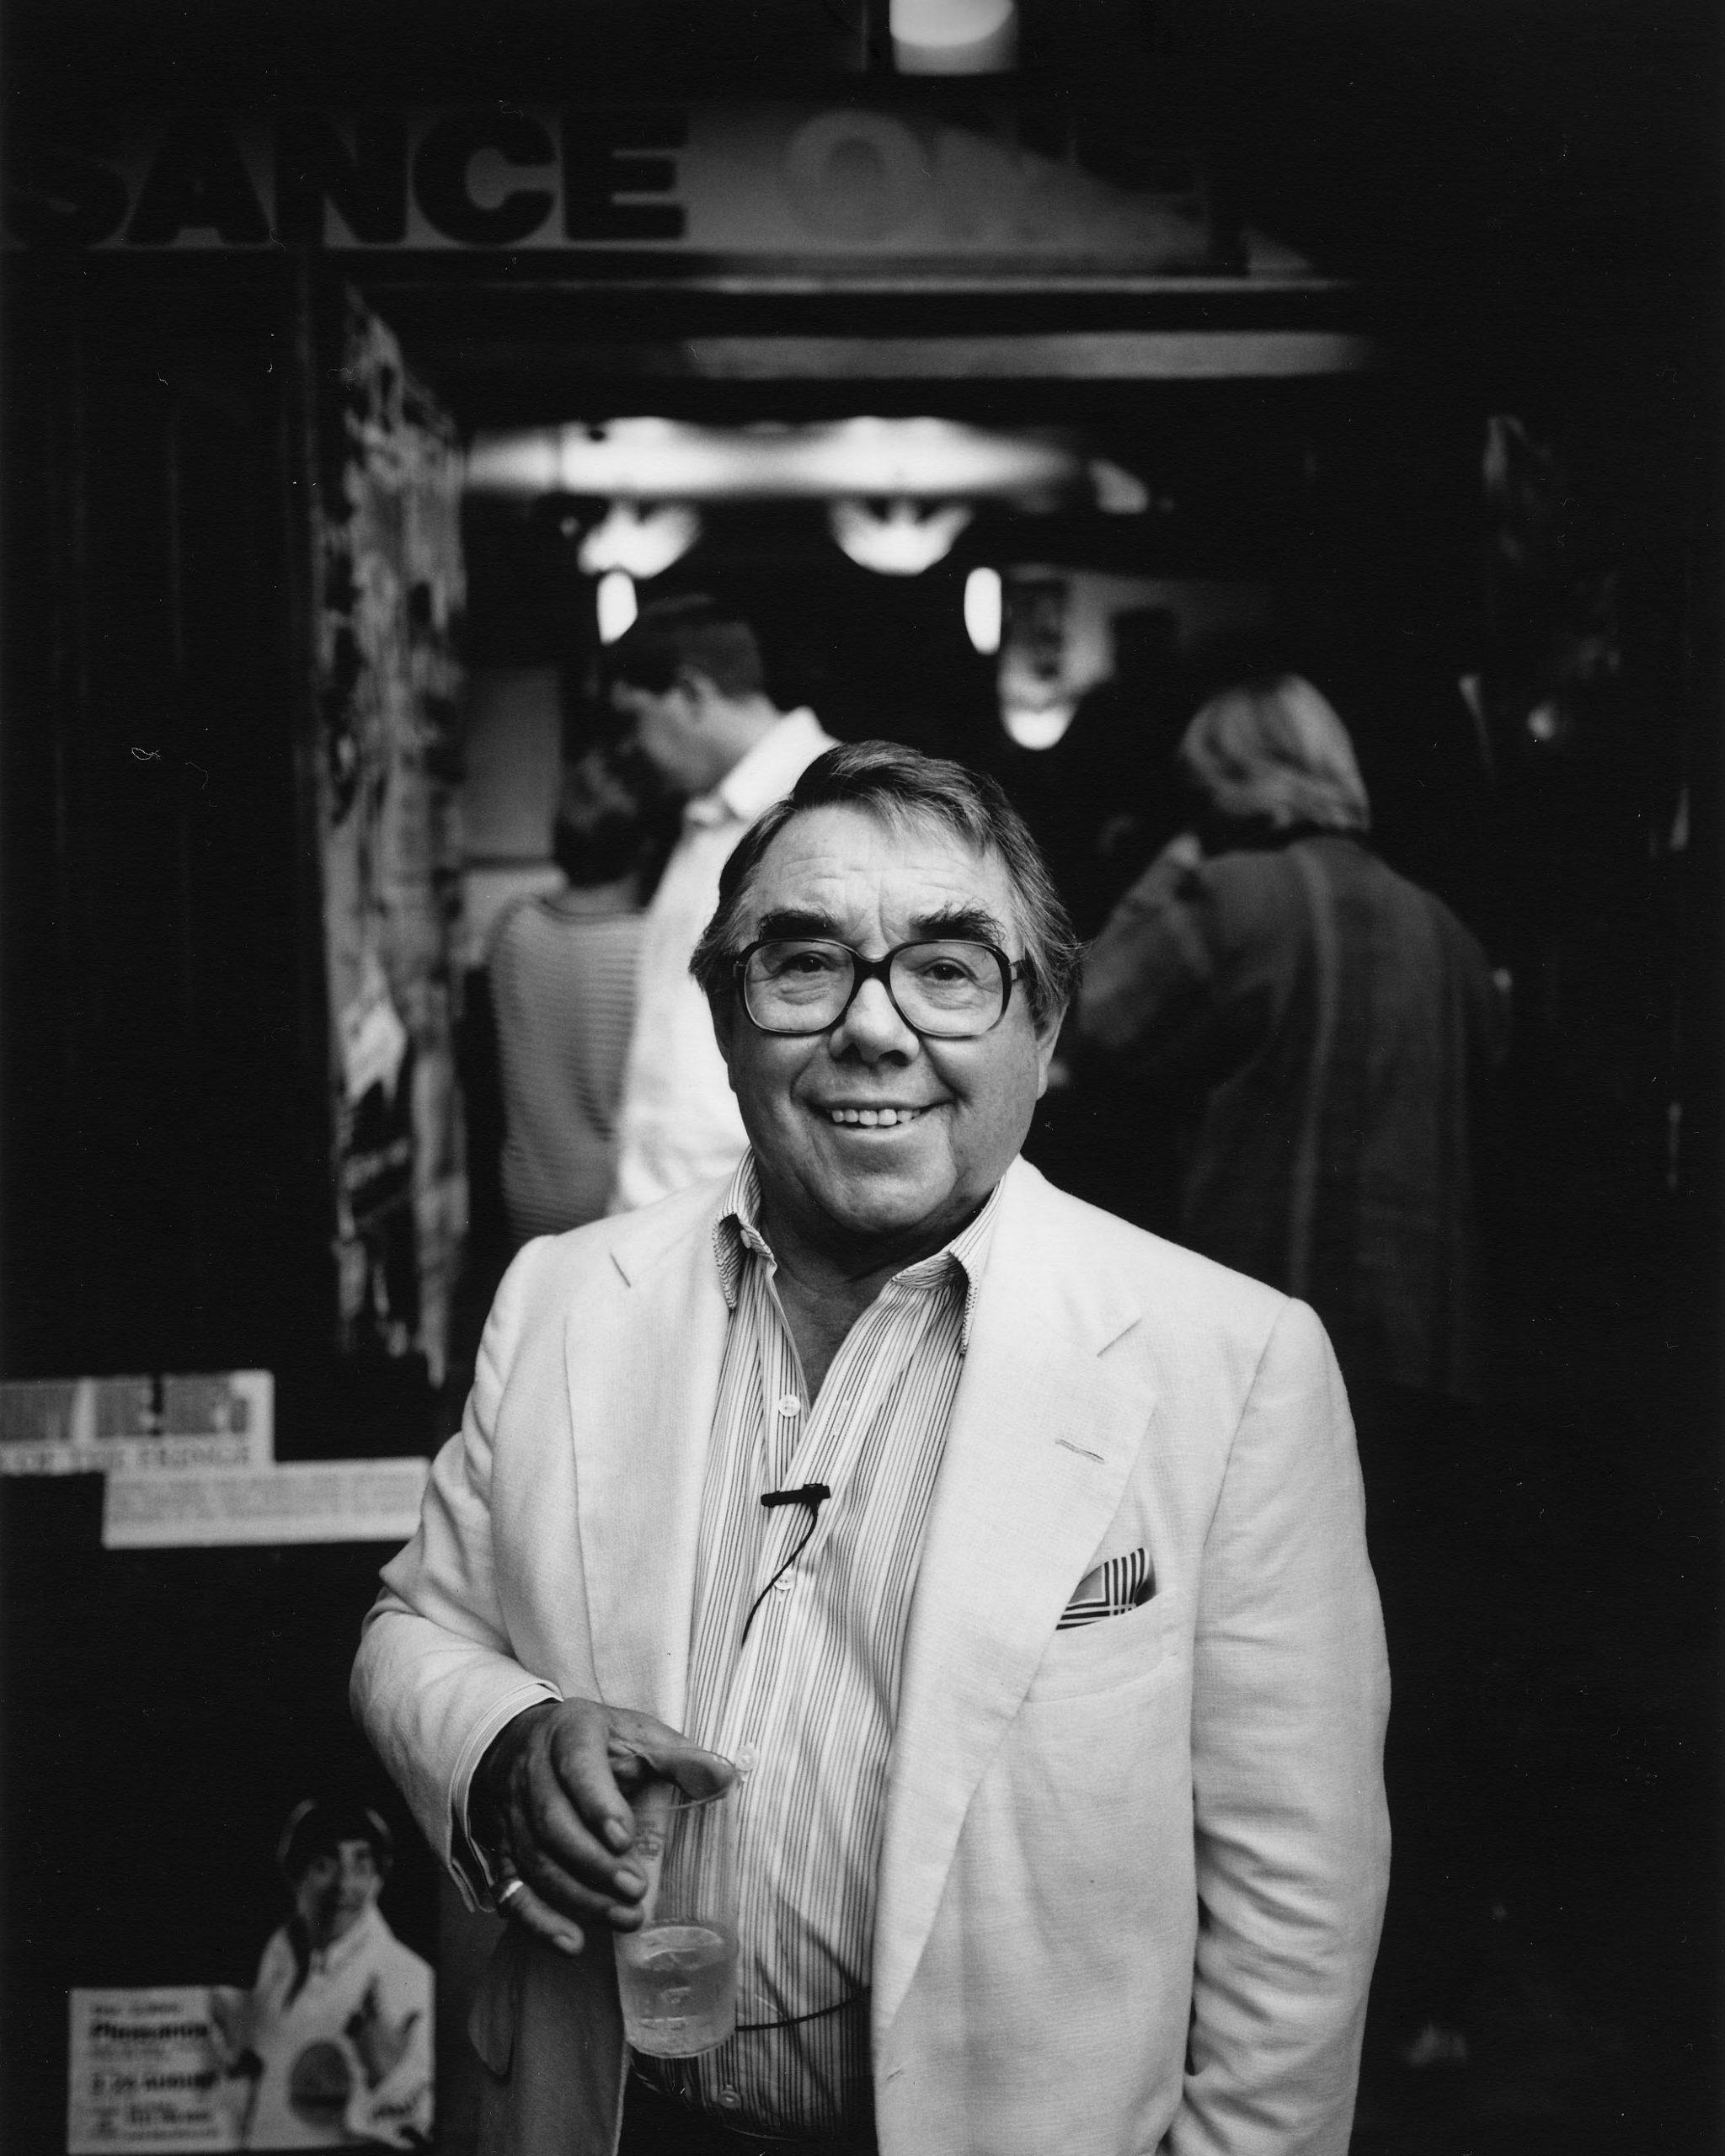 portrait of comedian Ronnie Corbett